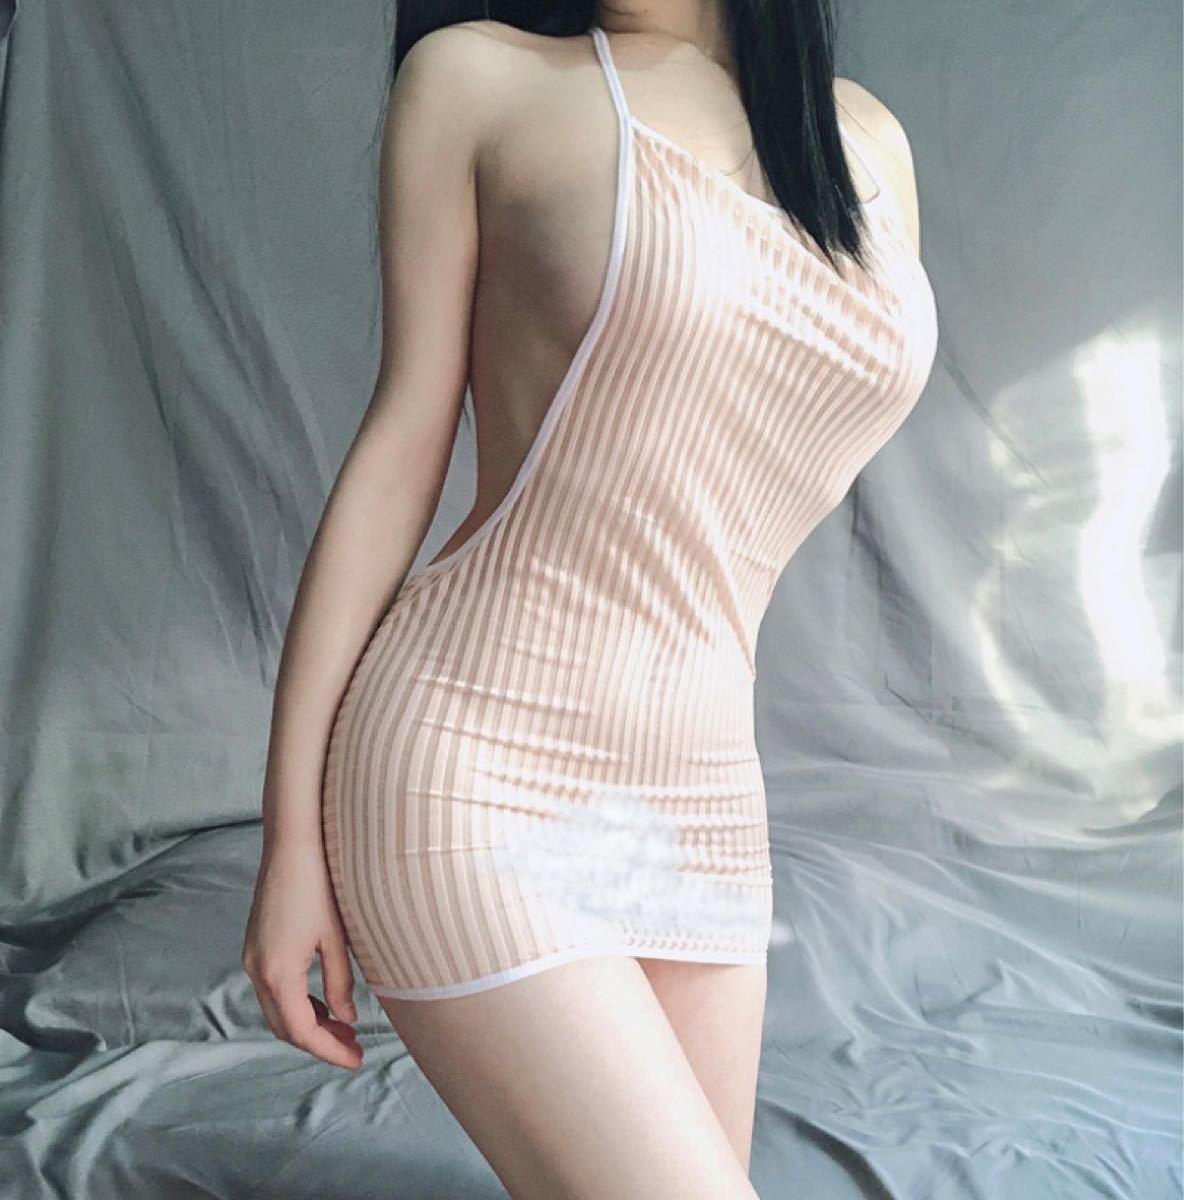 ☆過激☆   ミニワンピース   ブラック   SーL   透け透け   伸縮性   ボディコン   コスプレ衣装   キャバ嬢